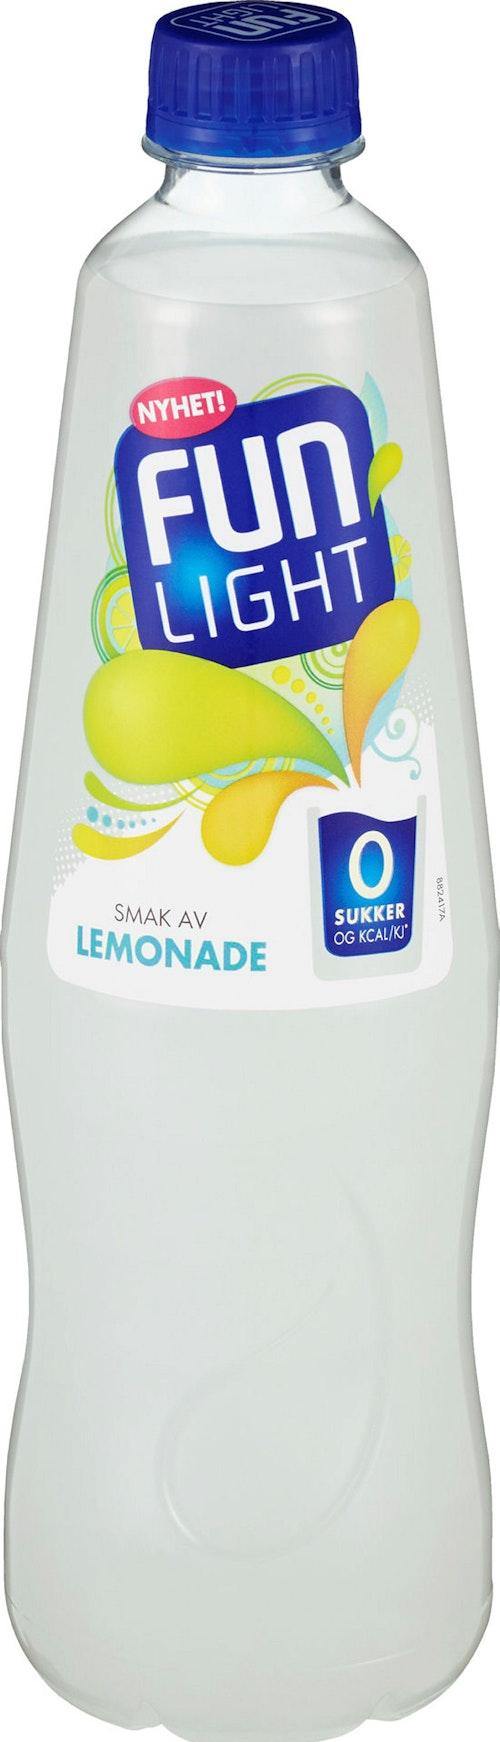 Fun Light Fun Light Lemonade 0,8 l